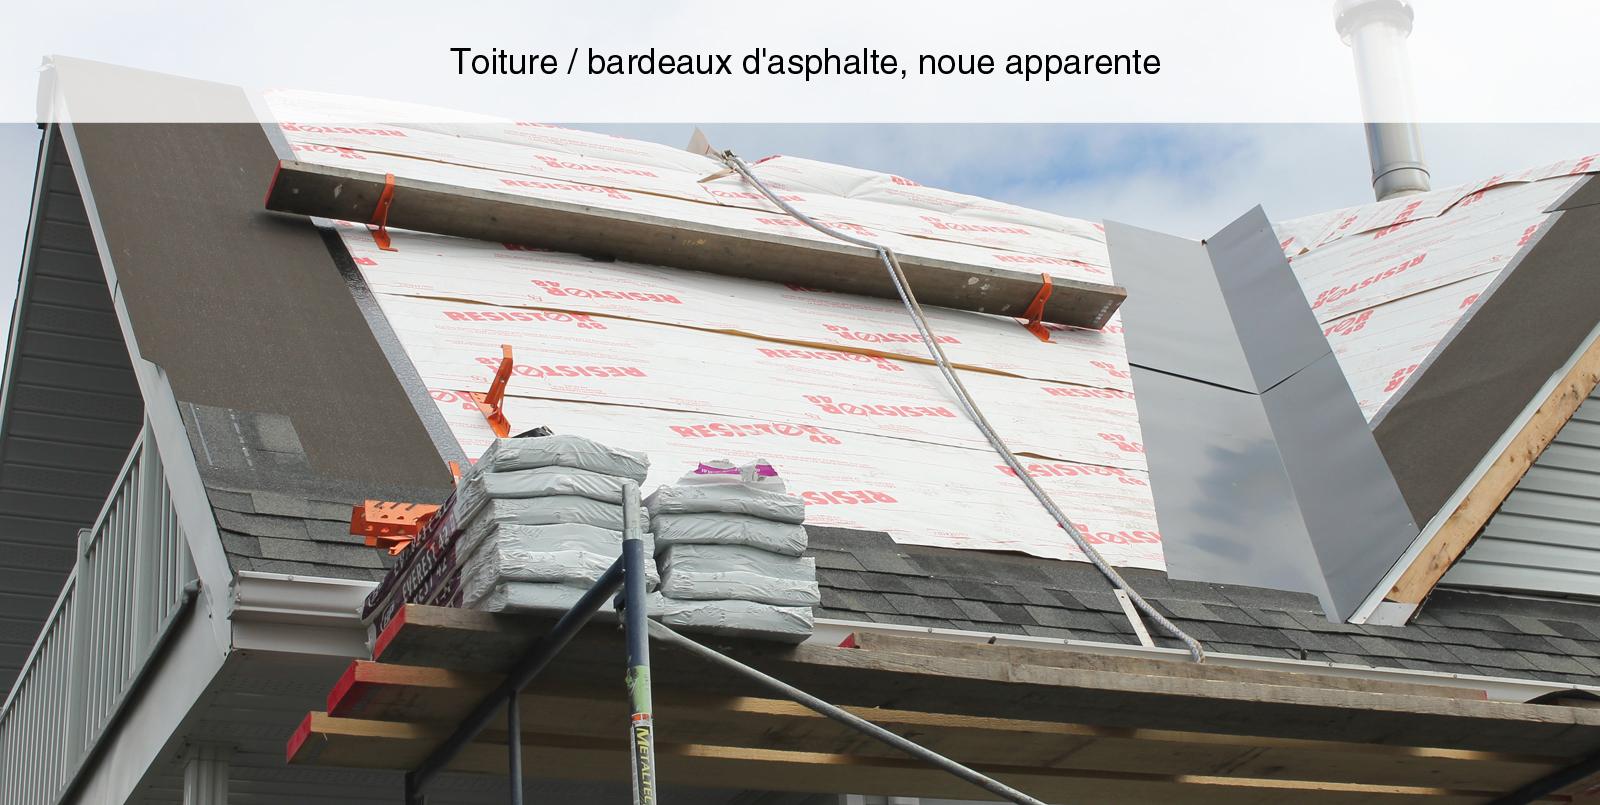 53-1-PANACHE-CONSTRUCTION-RENOVATION-TOITURE-BARDEAUX-ASPHALTE